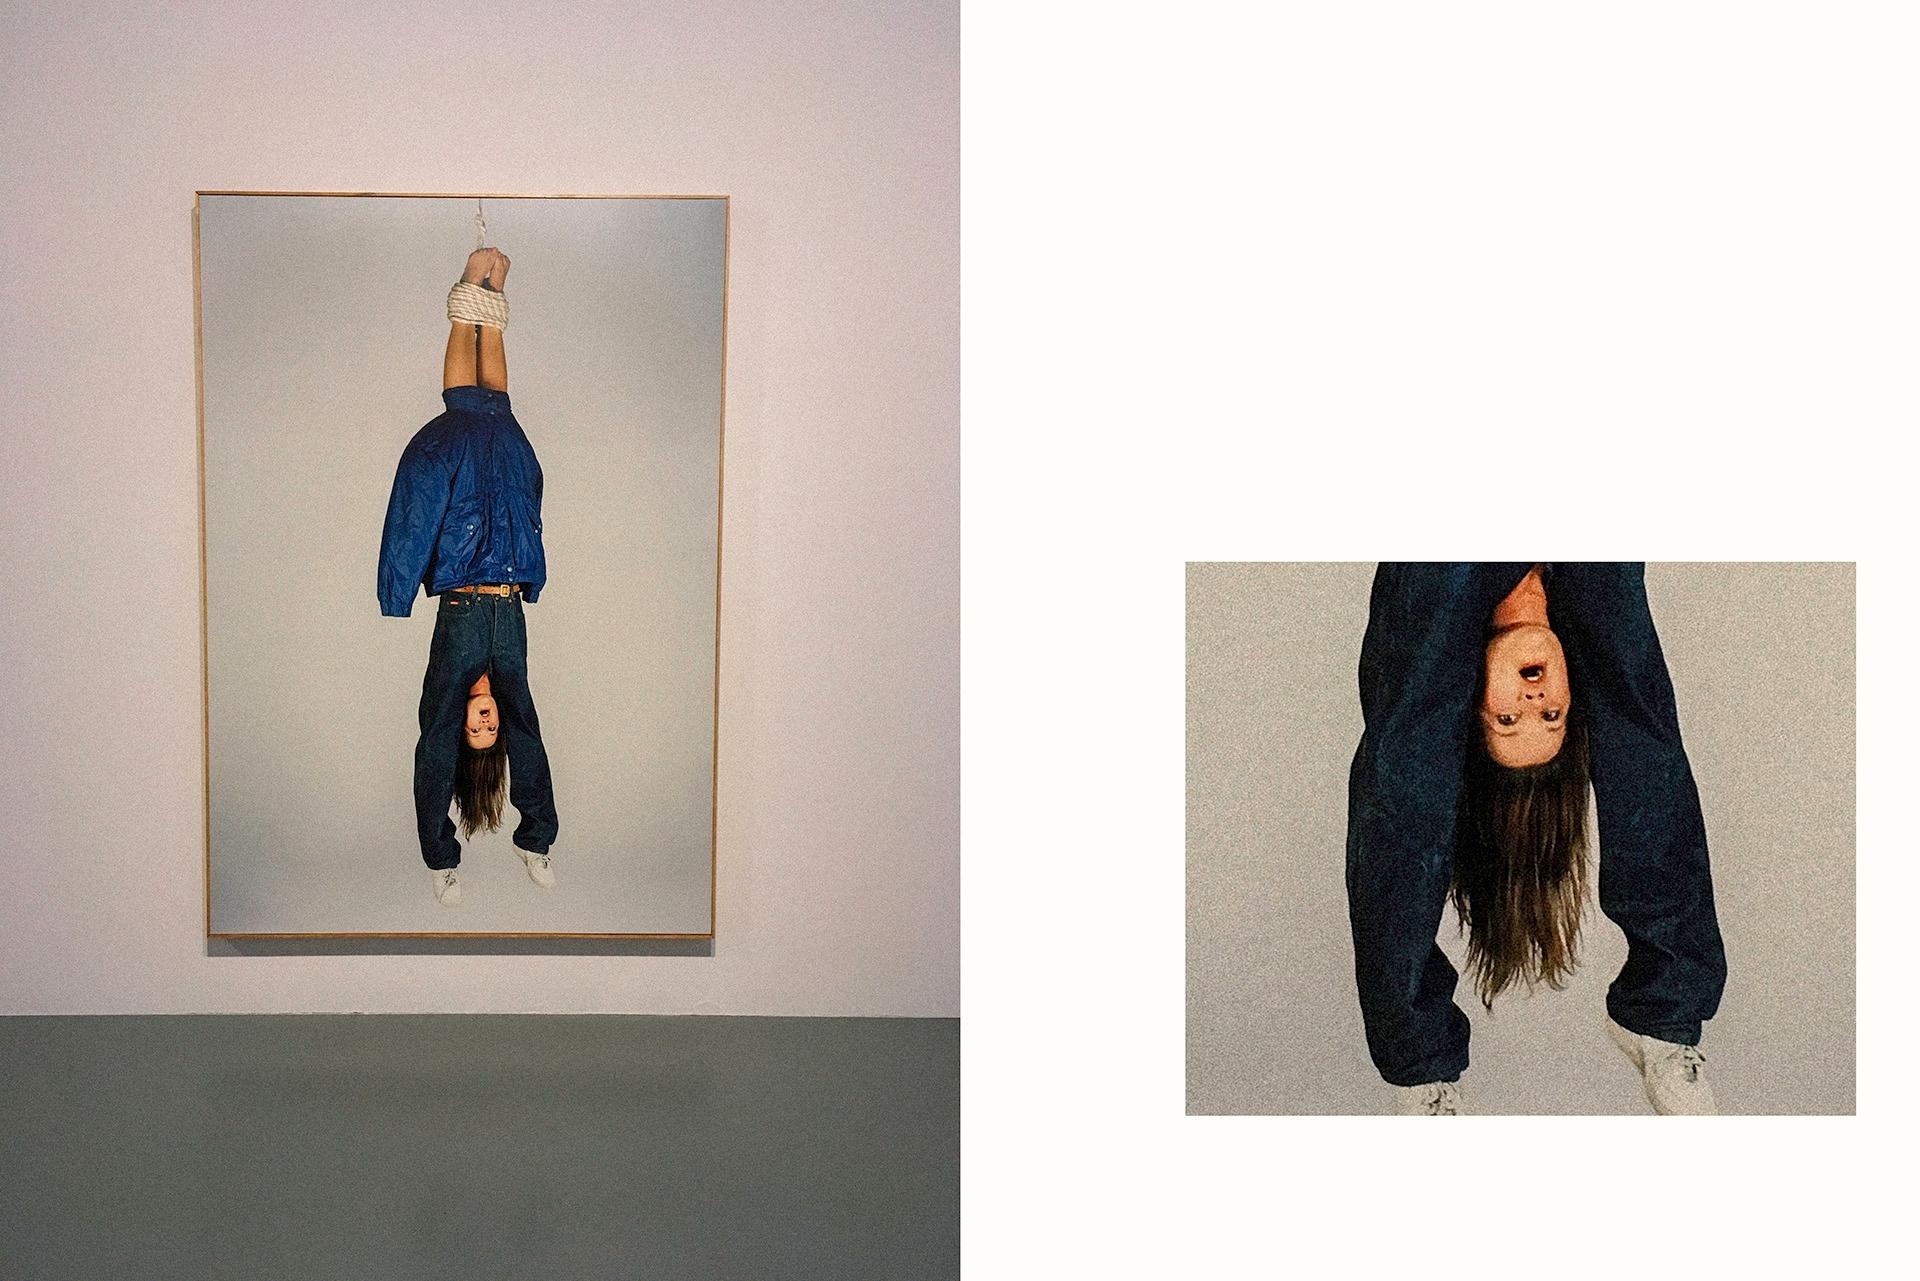 Obraz przedstawia zdjęcie obrazu z kobietą wiszącą głową w dół, oraz fragment tego samego obrazu.